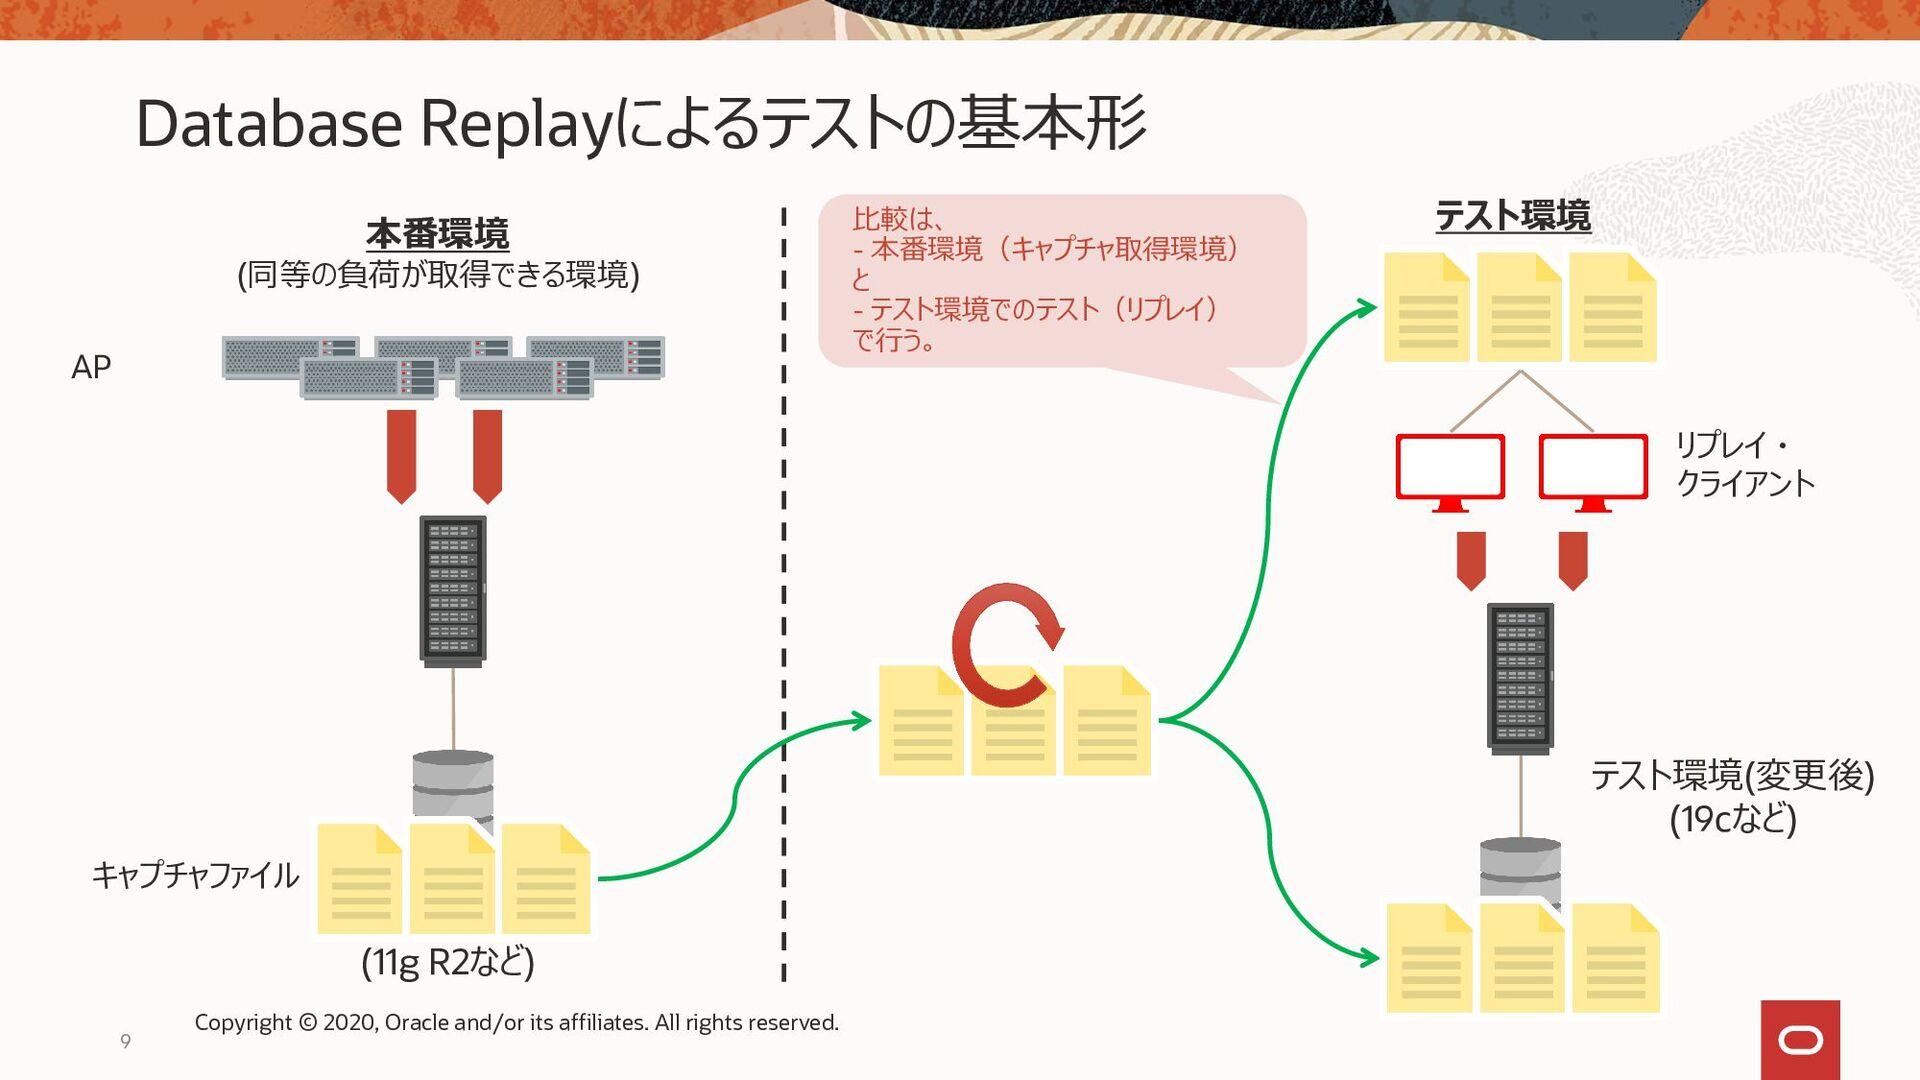 9 キャプチャファイル AP リプレイ ・ クライアント Database Replayによる...